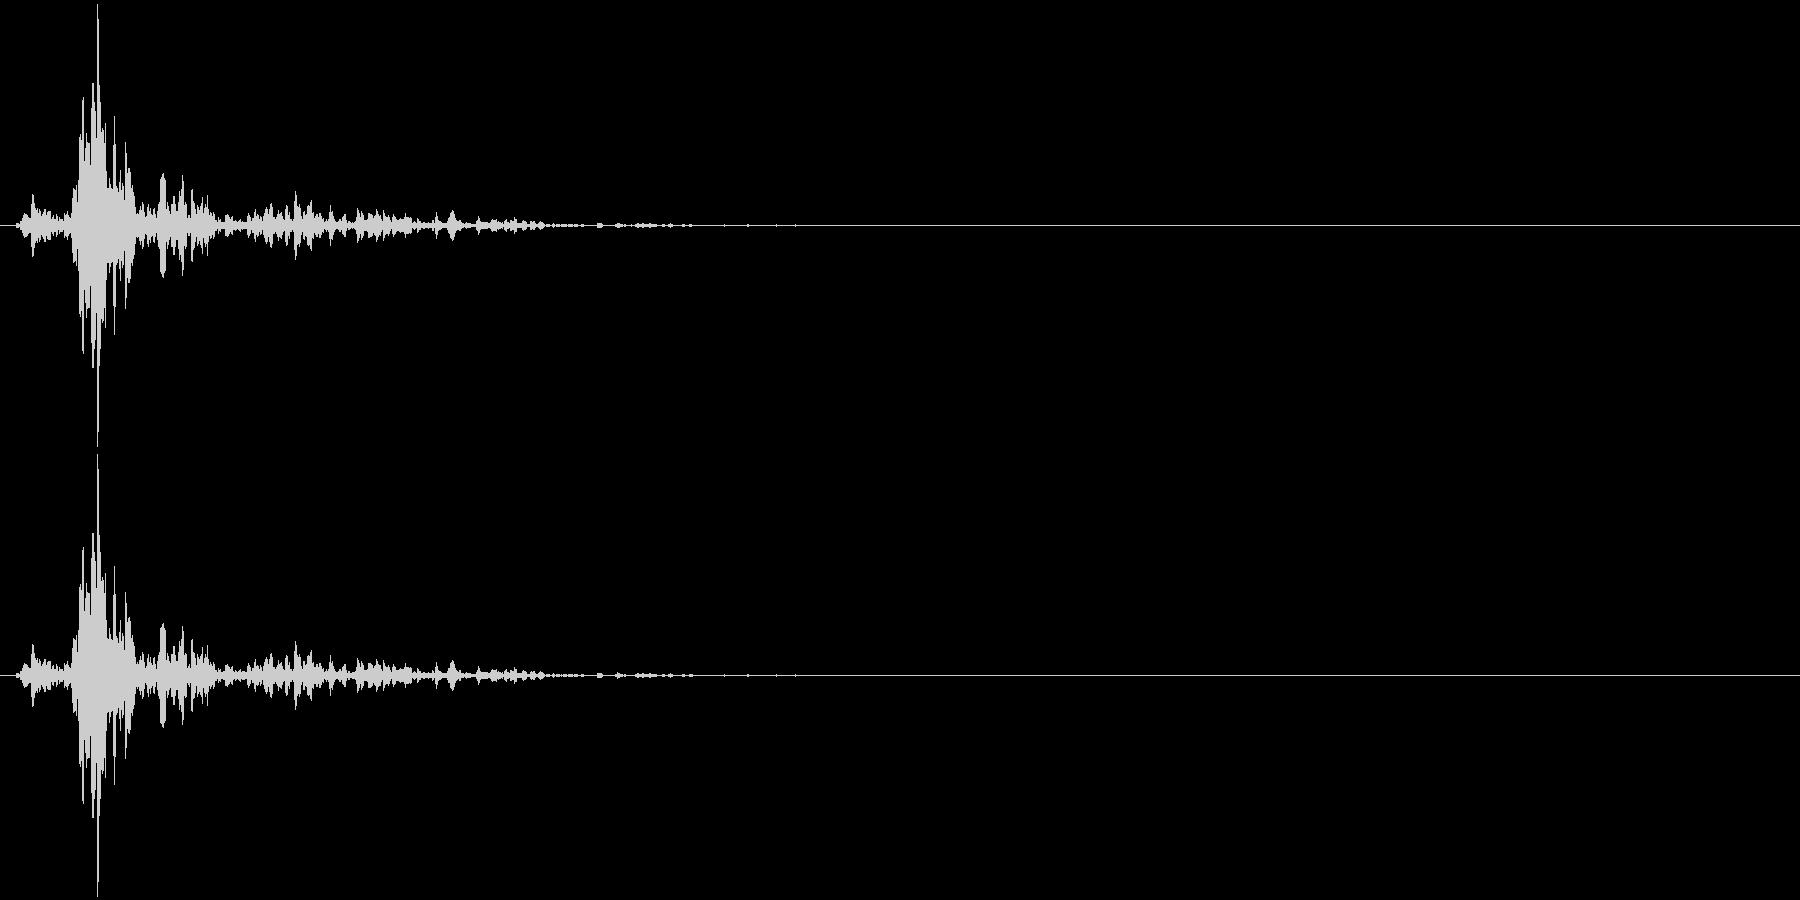 音侍SE「シャン〜!」象徴的な鈴の音の未再生の波形